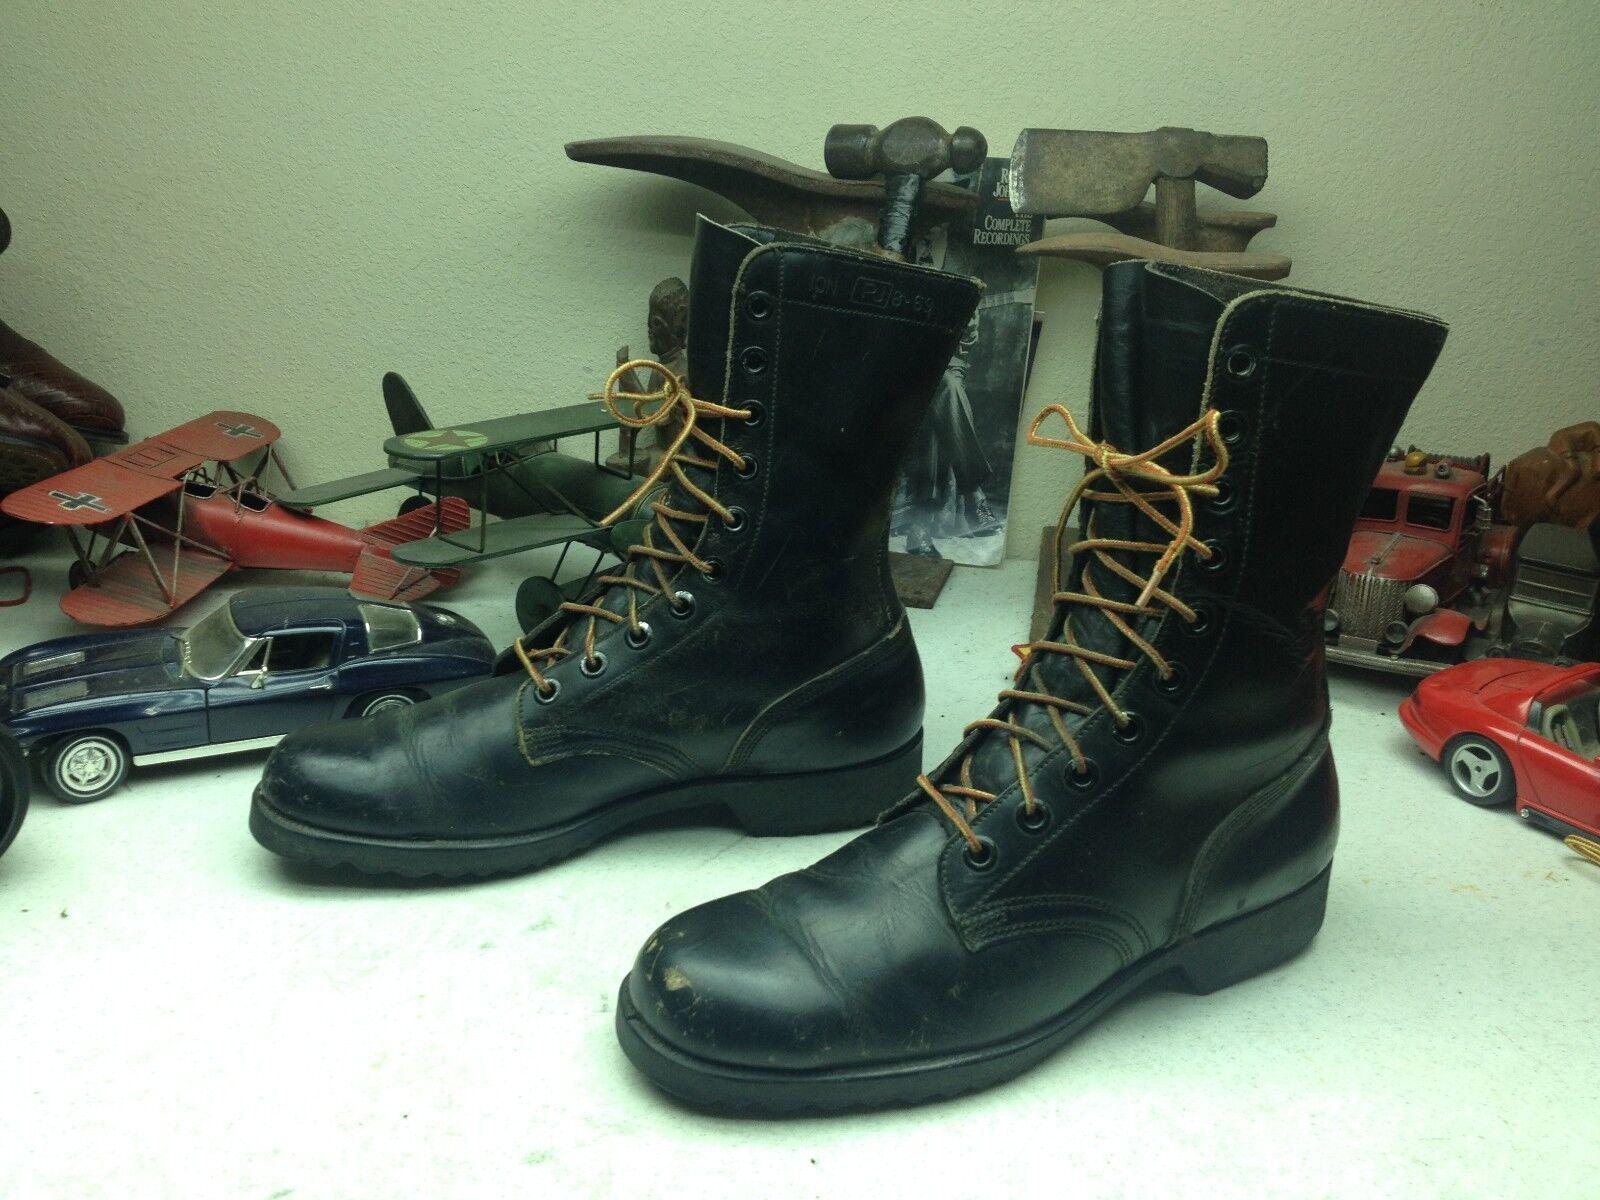 promozioni VINTAGE USA 1969 DISTRESSED nero LEATHER RO-SEARCH MILITARY COMBAT stivali stivali stivali 10 N  qualità autentica